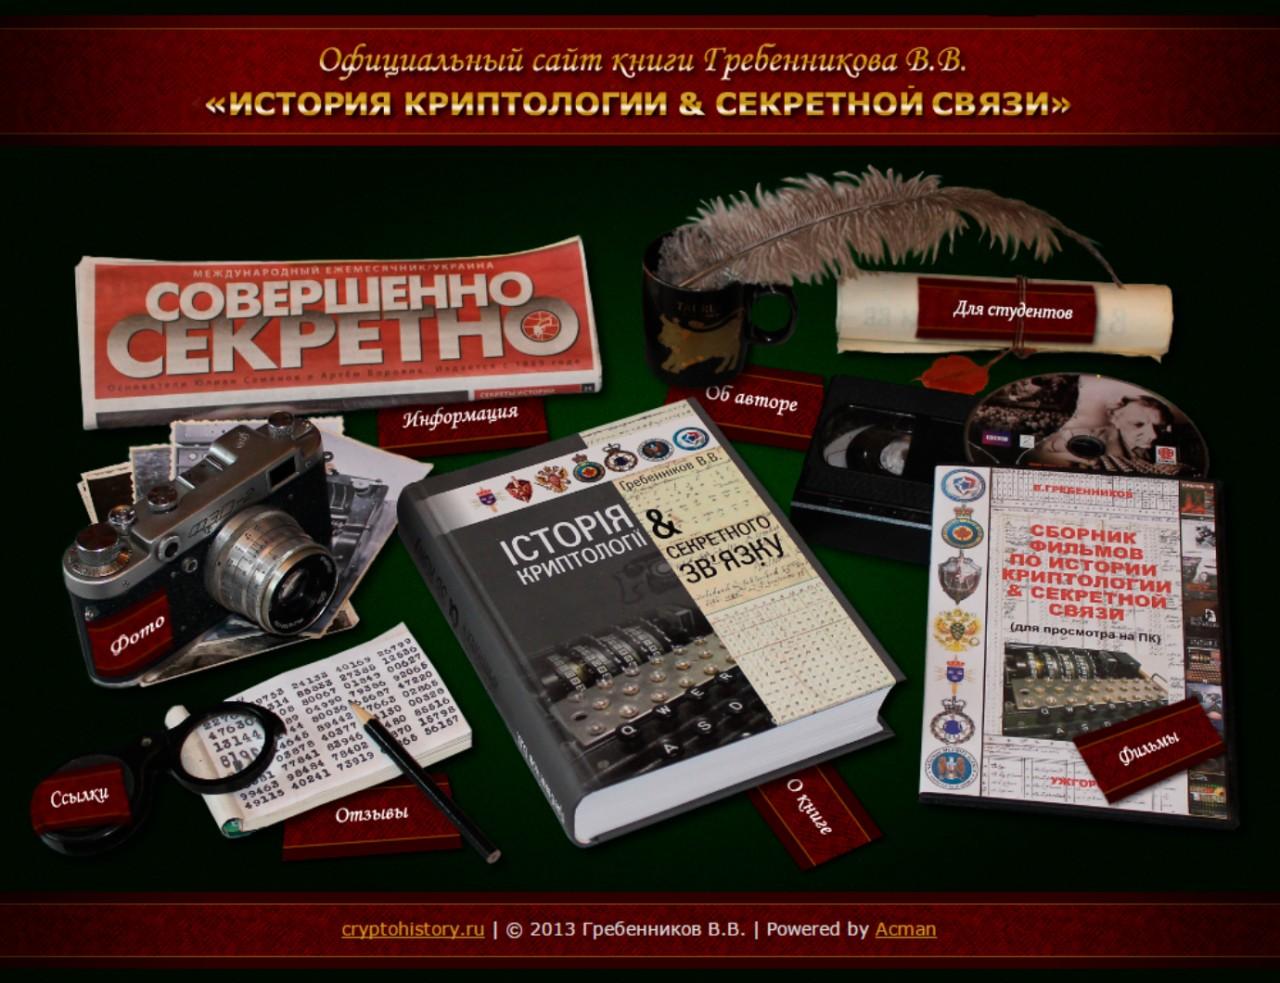 """Книга """"История криптологии & секретной связи"""""""